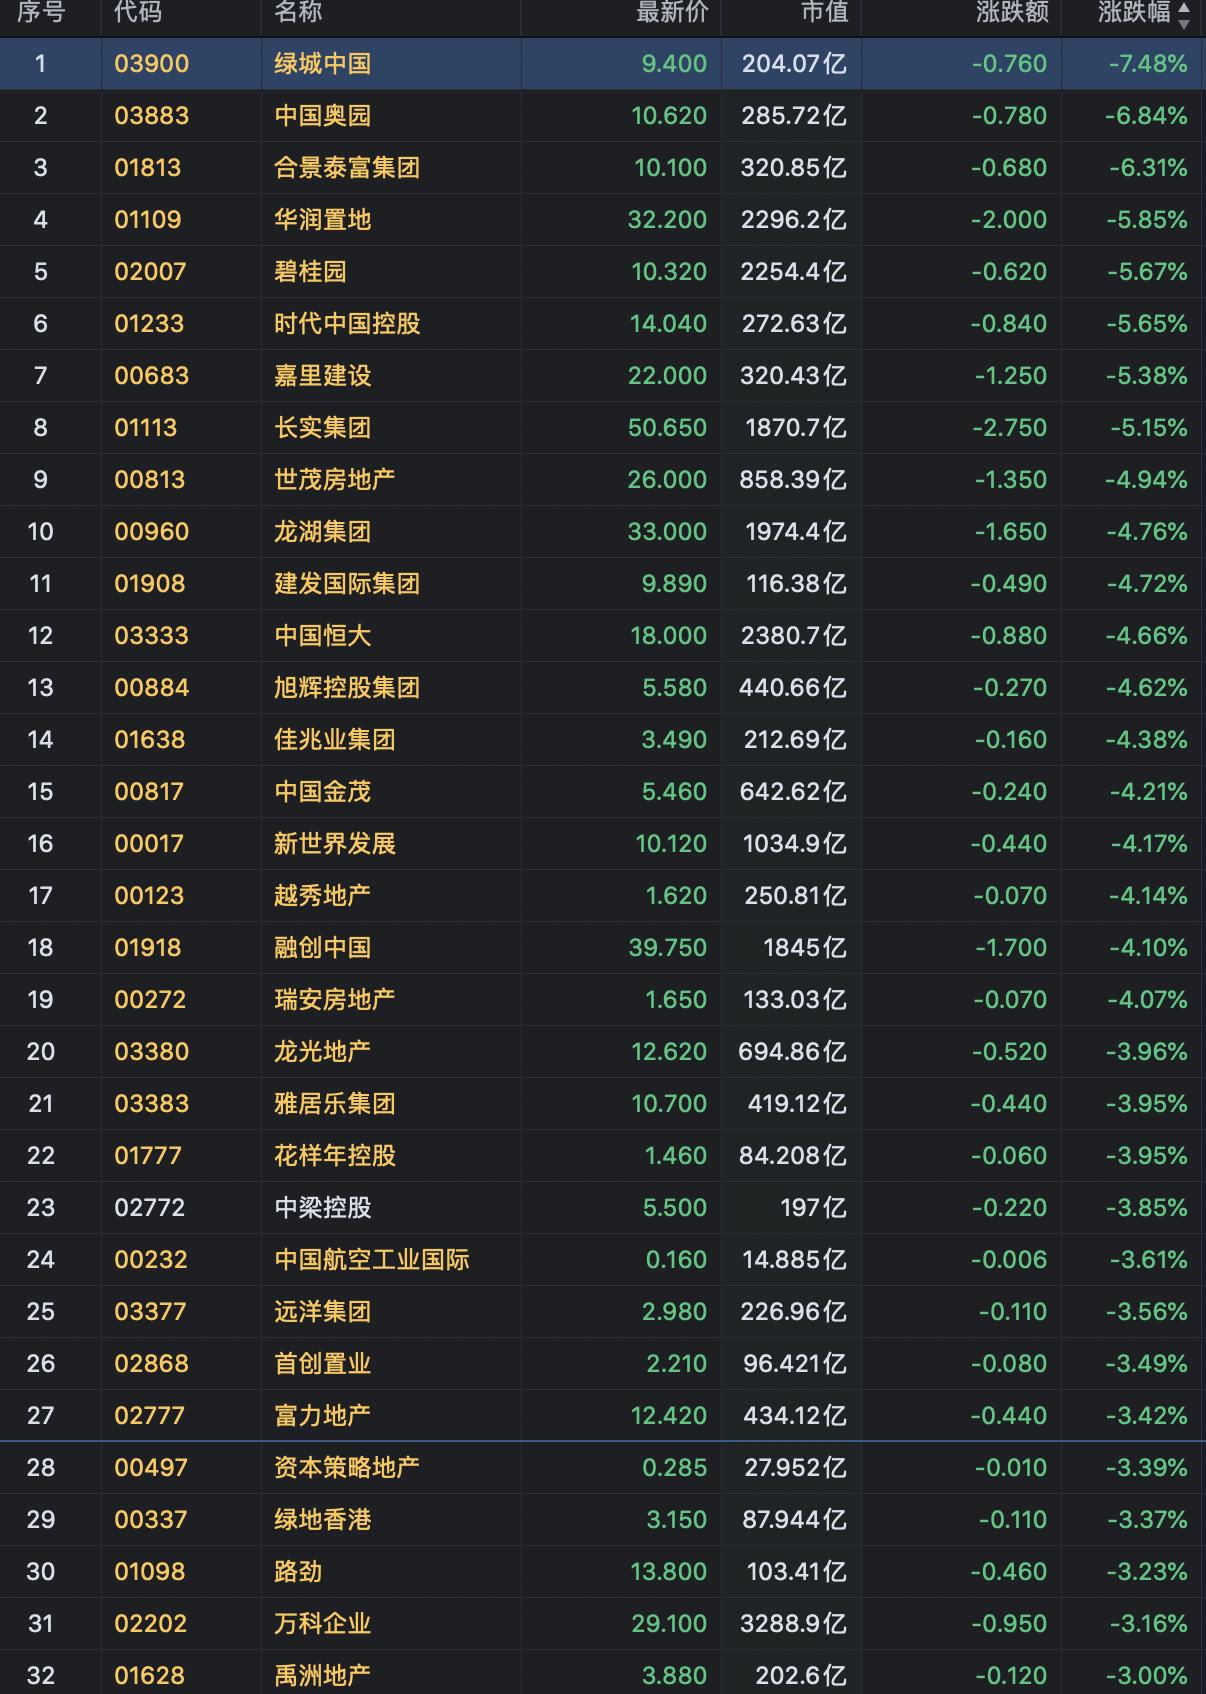 恒指新年开盘跌3% 多只内房股跌幅超3%-中国网地产